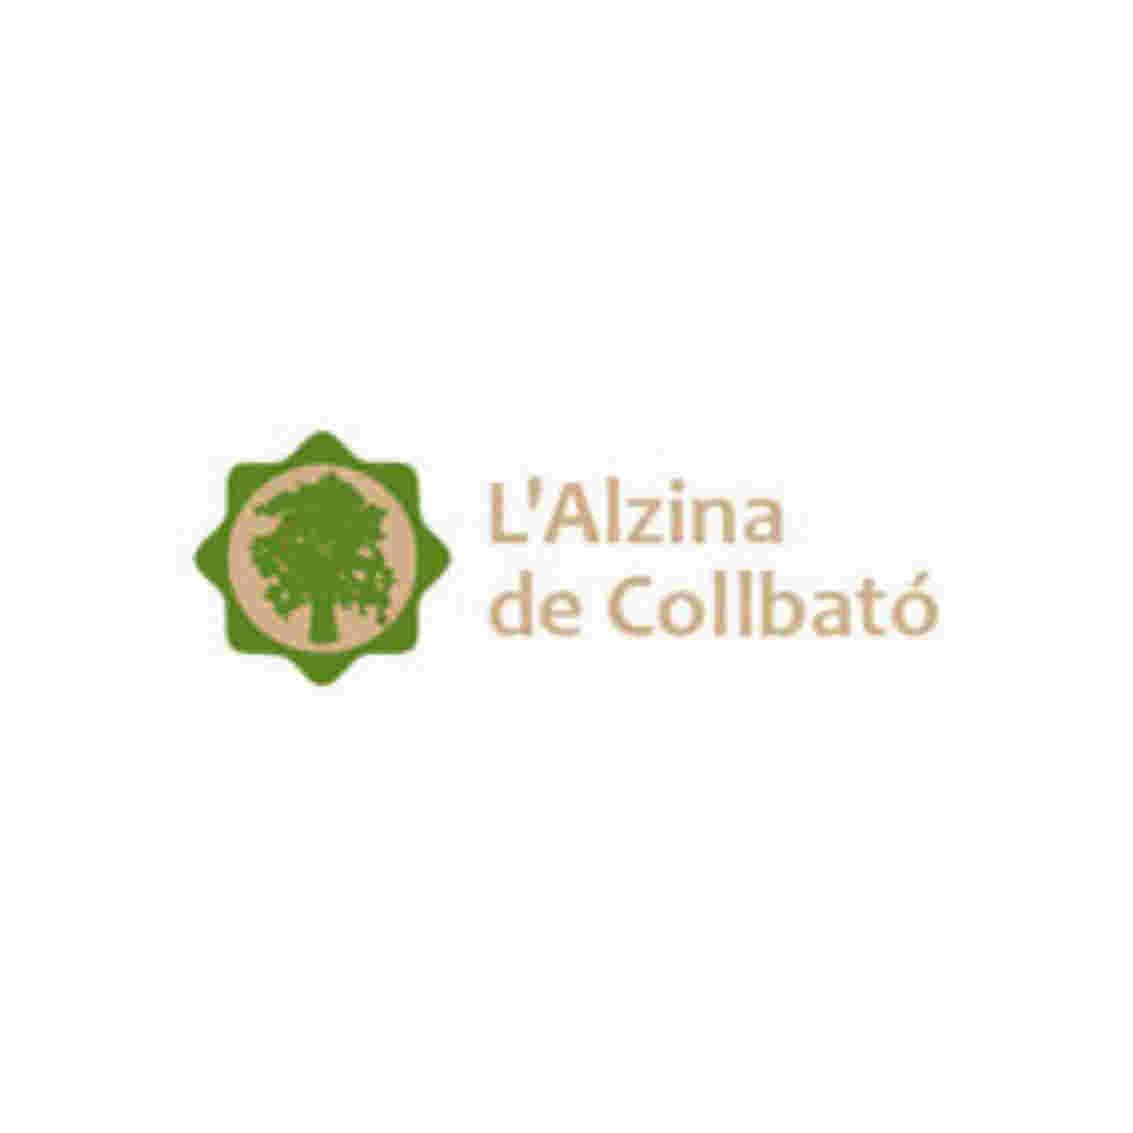 L'ALZINA DE COLLBATÓ